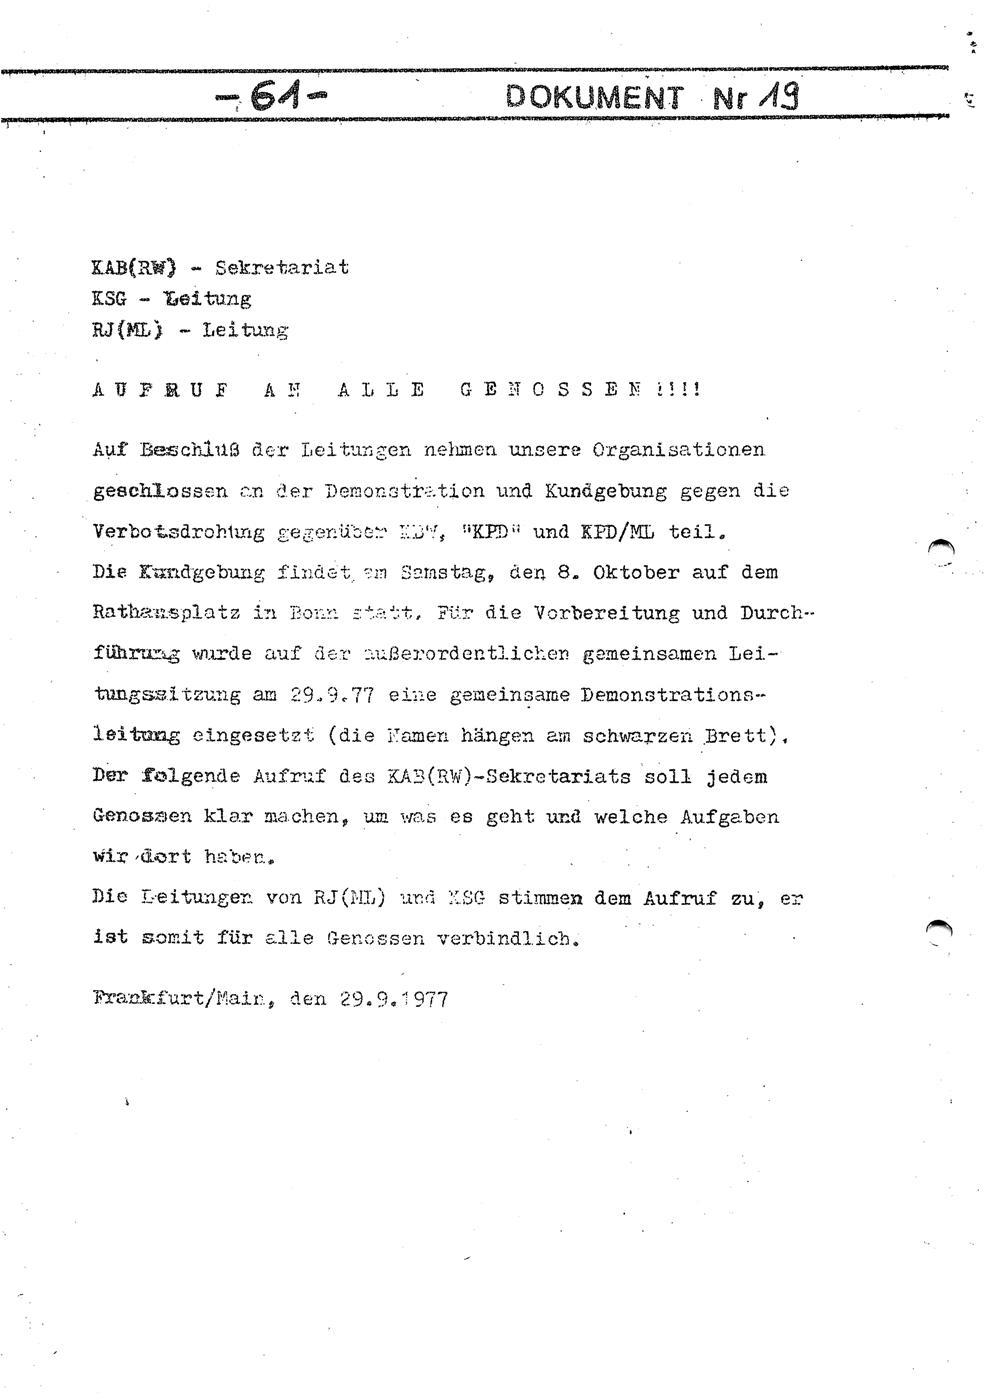 KABRW_Arbeitshefte_1977_24_061